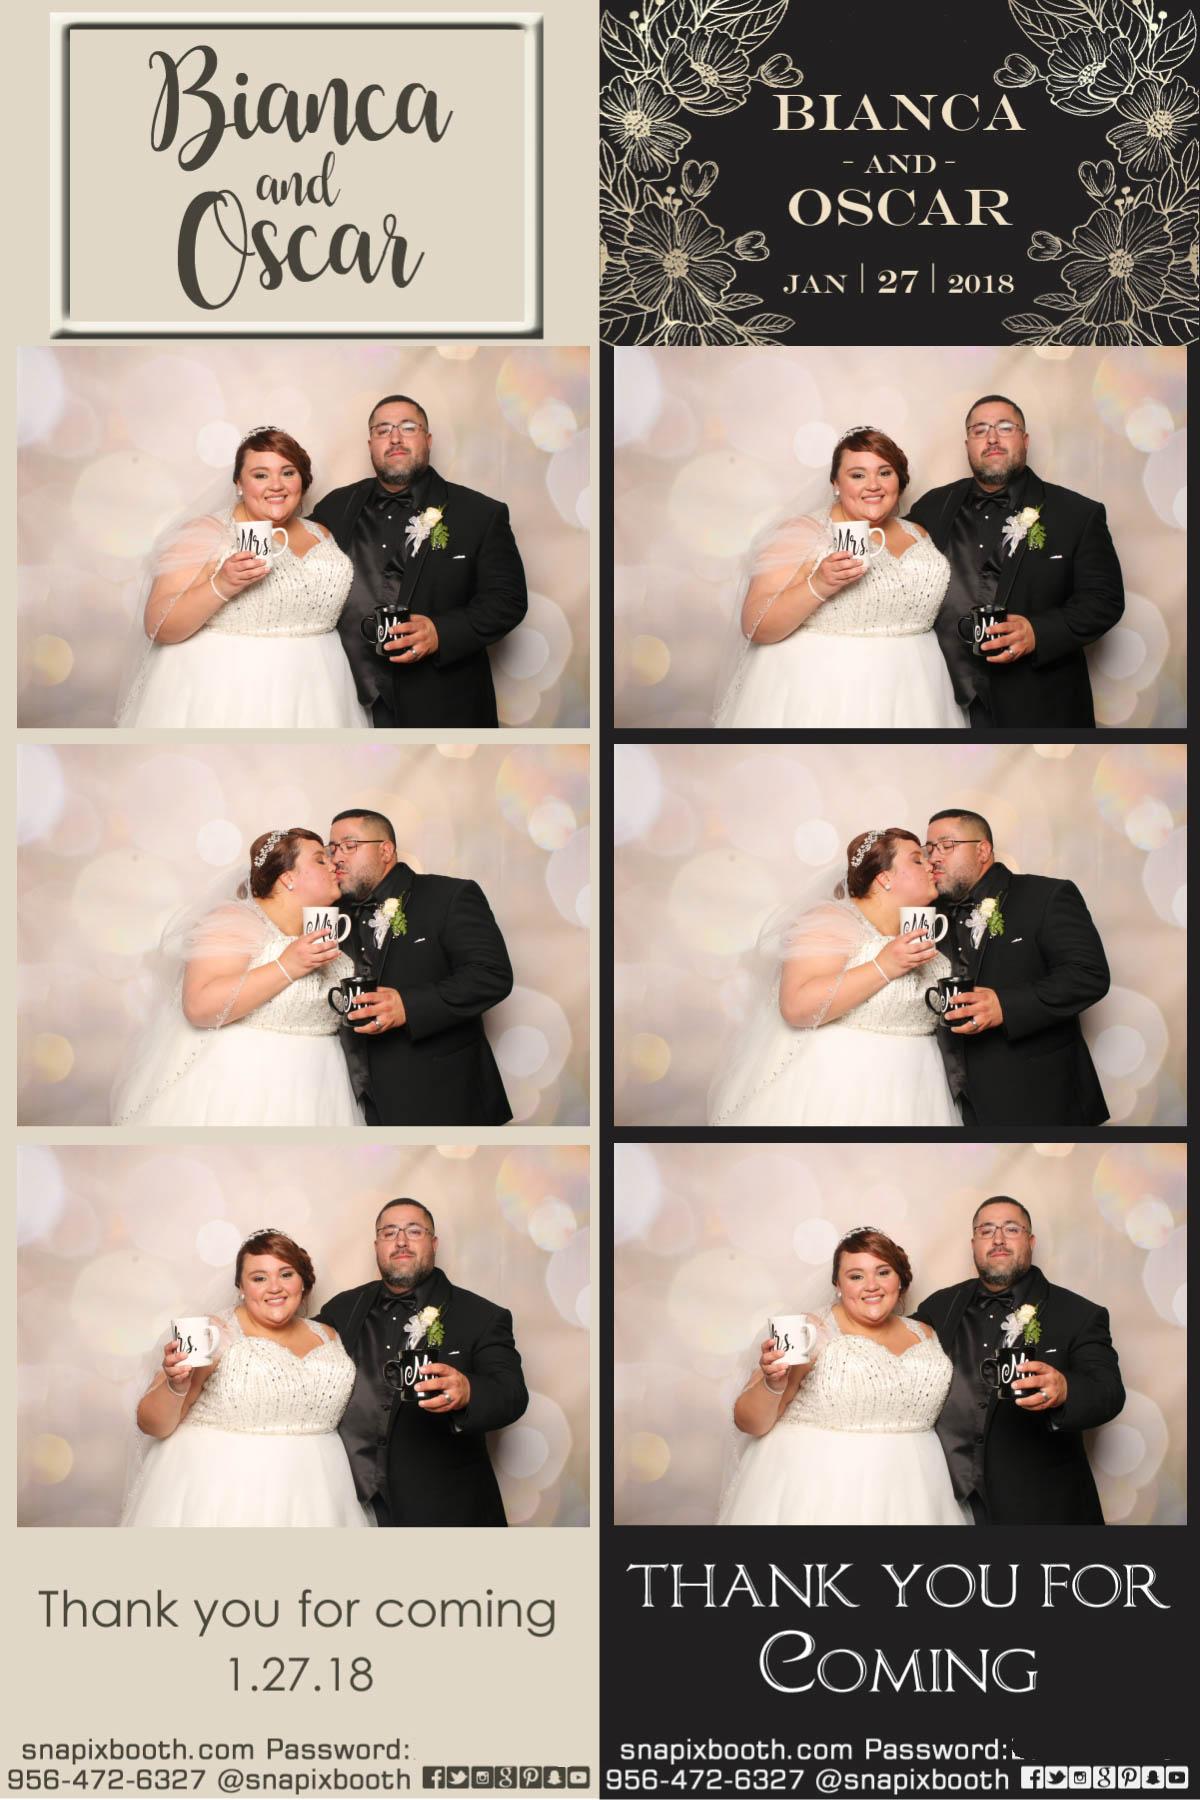 Bianca & Oscar Wedding